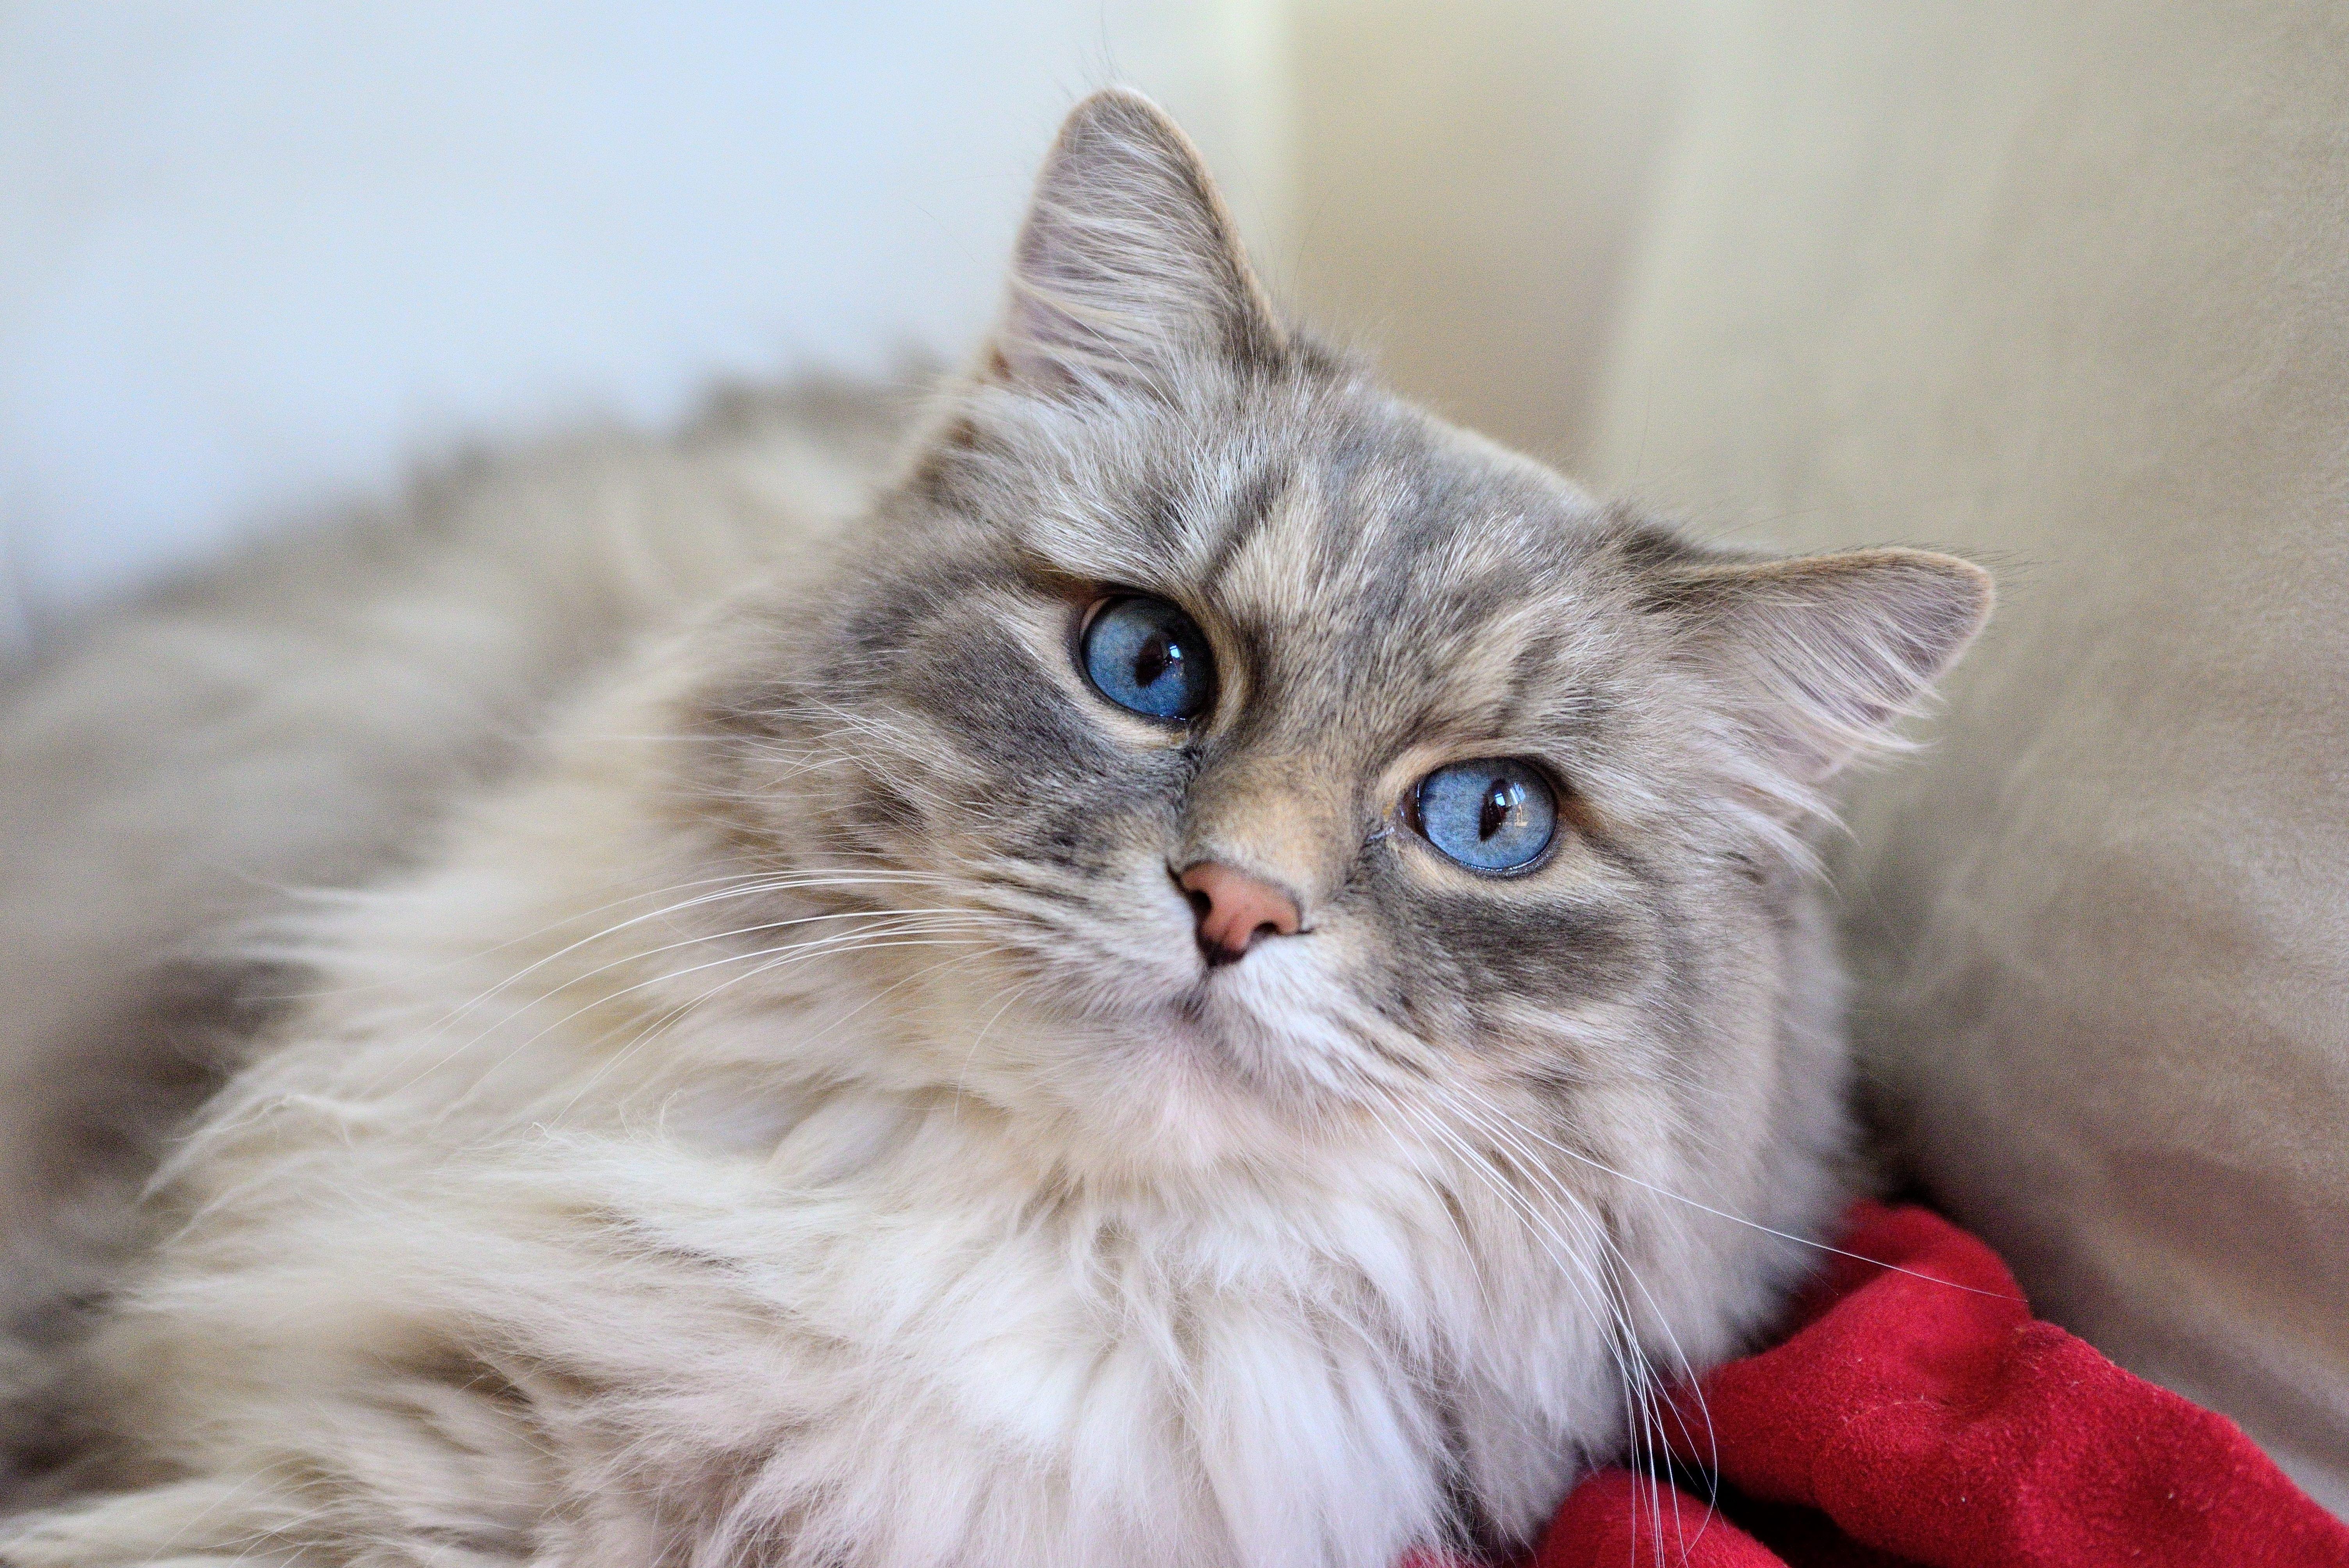 Download 93+  Gambar Kucing Persia Mata Biru Terbaru